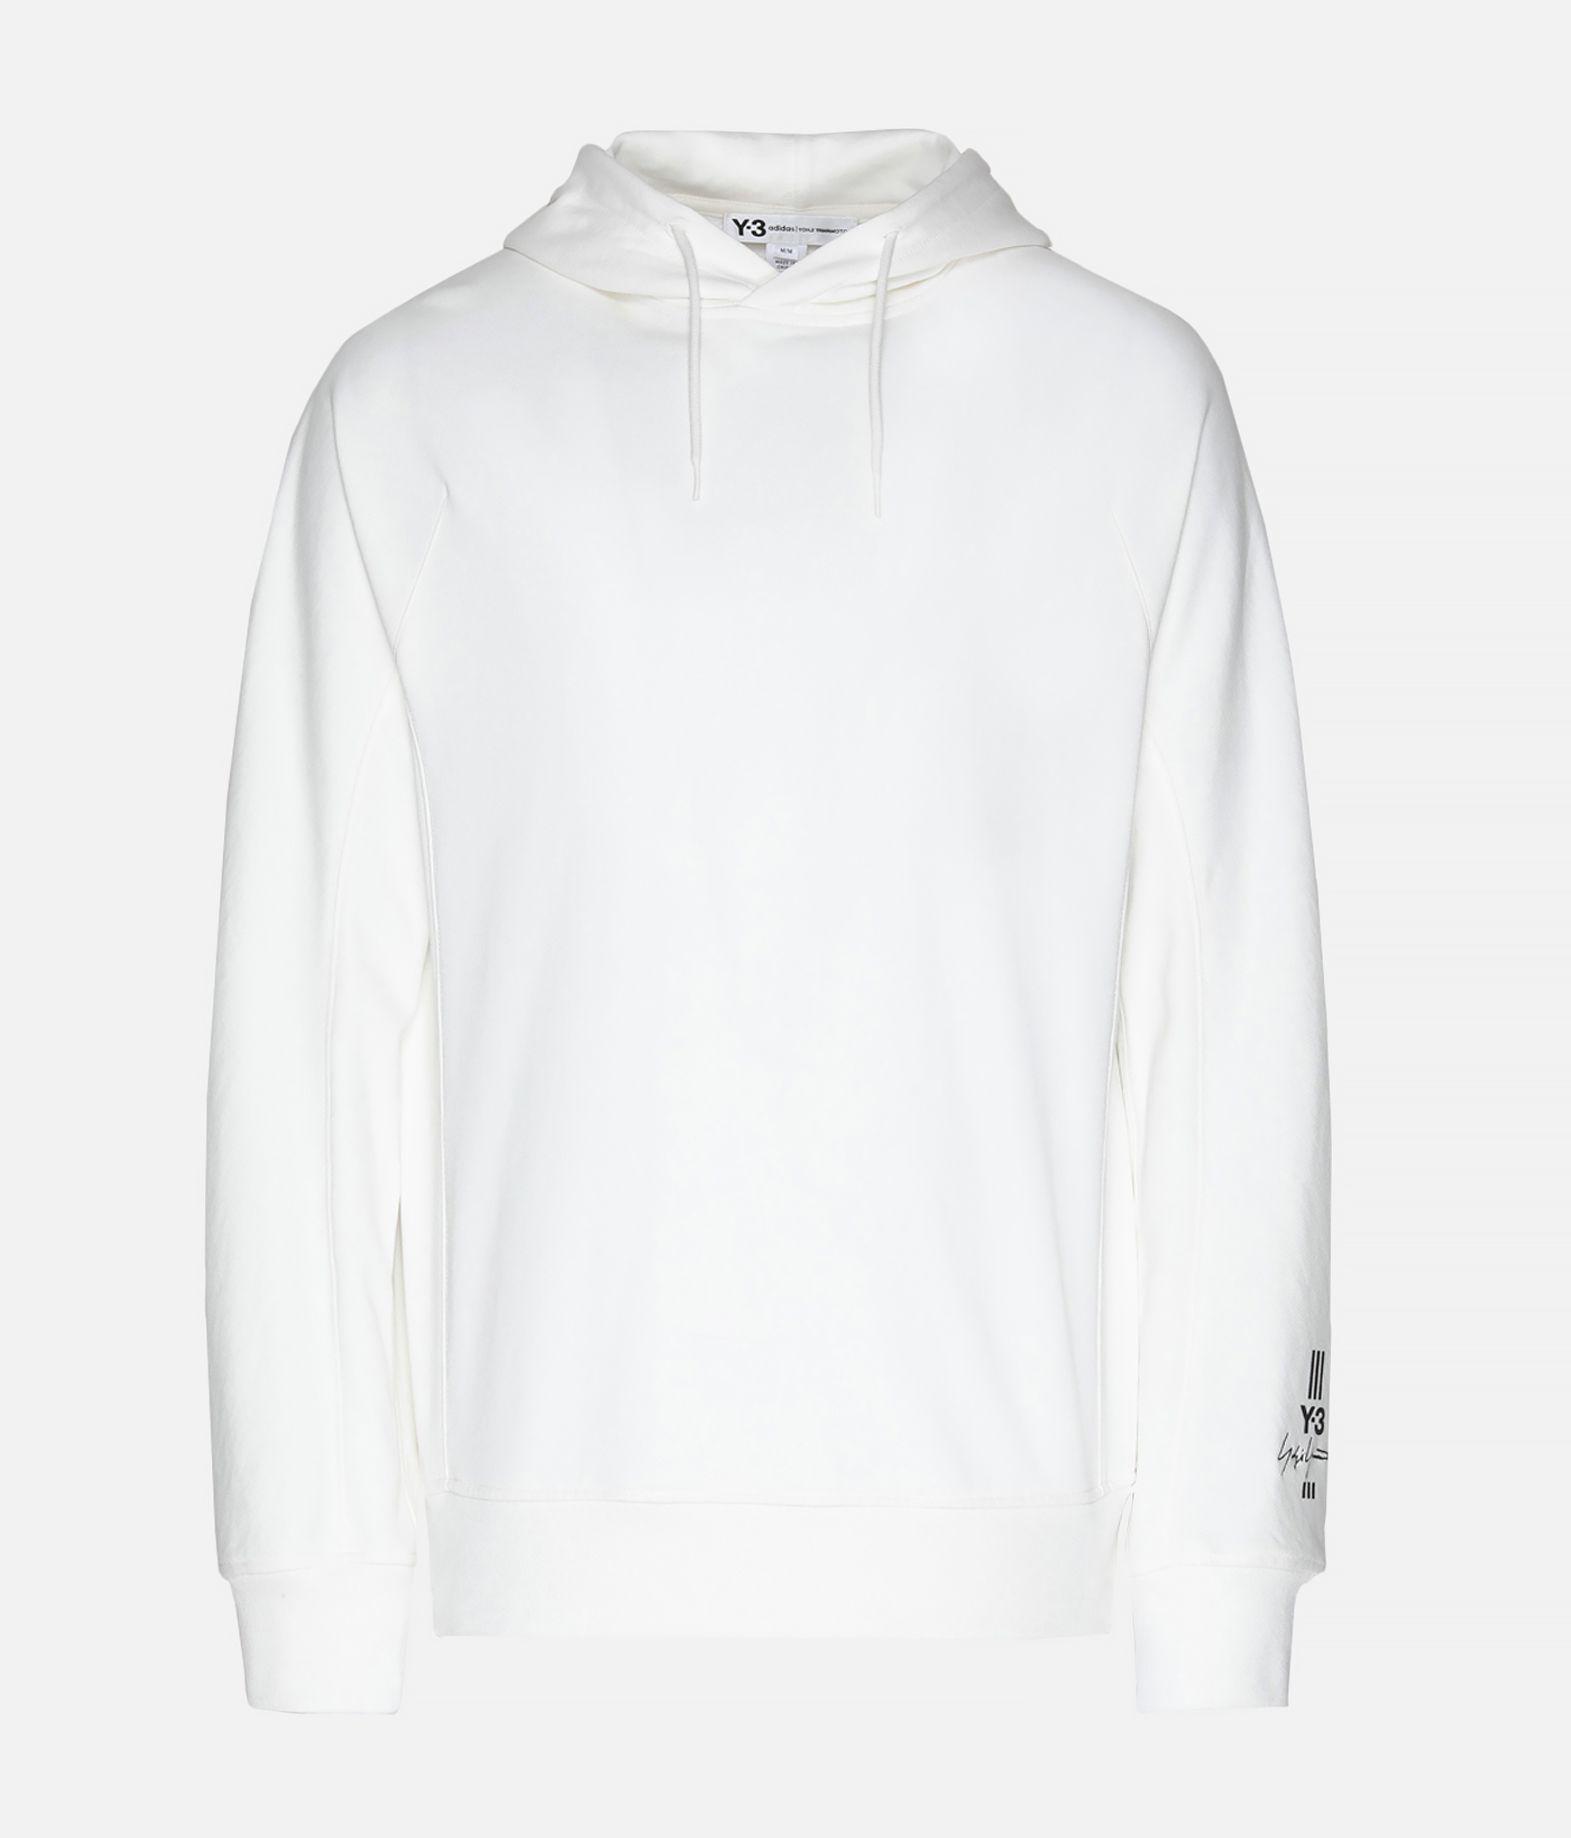 Y-3 Y-3 Classic Hoodie Sweatshirt mit Kapuze Herren f